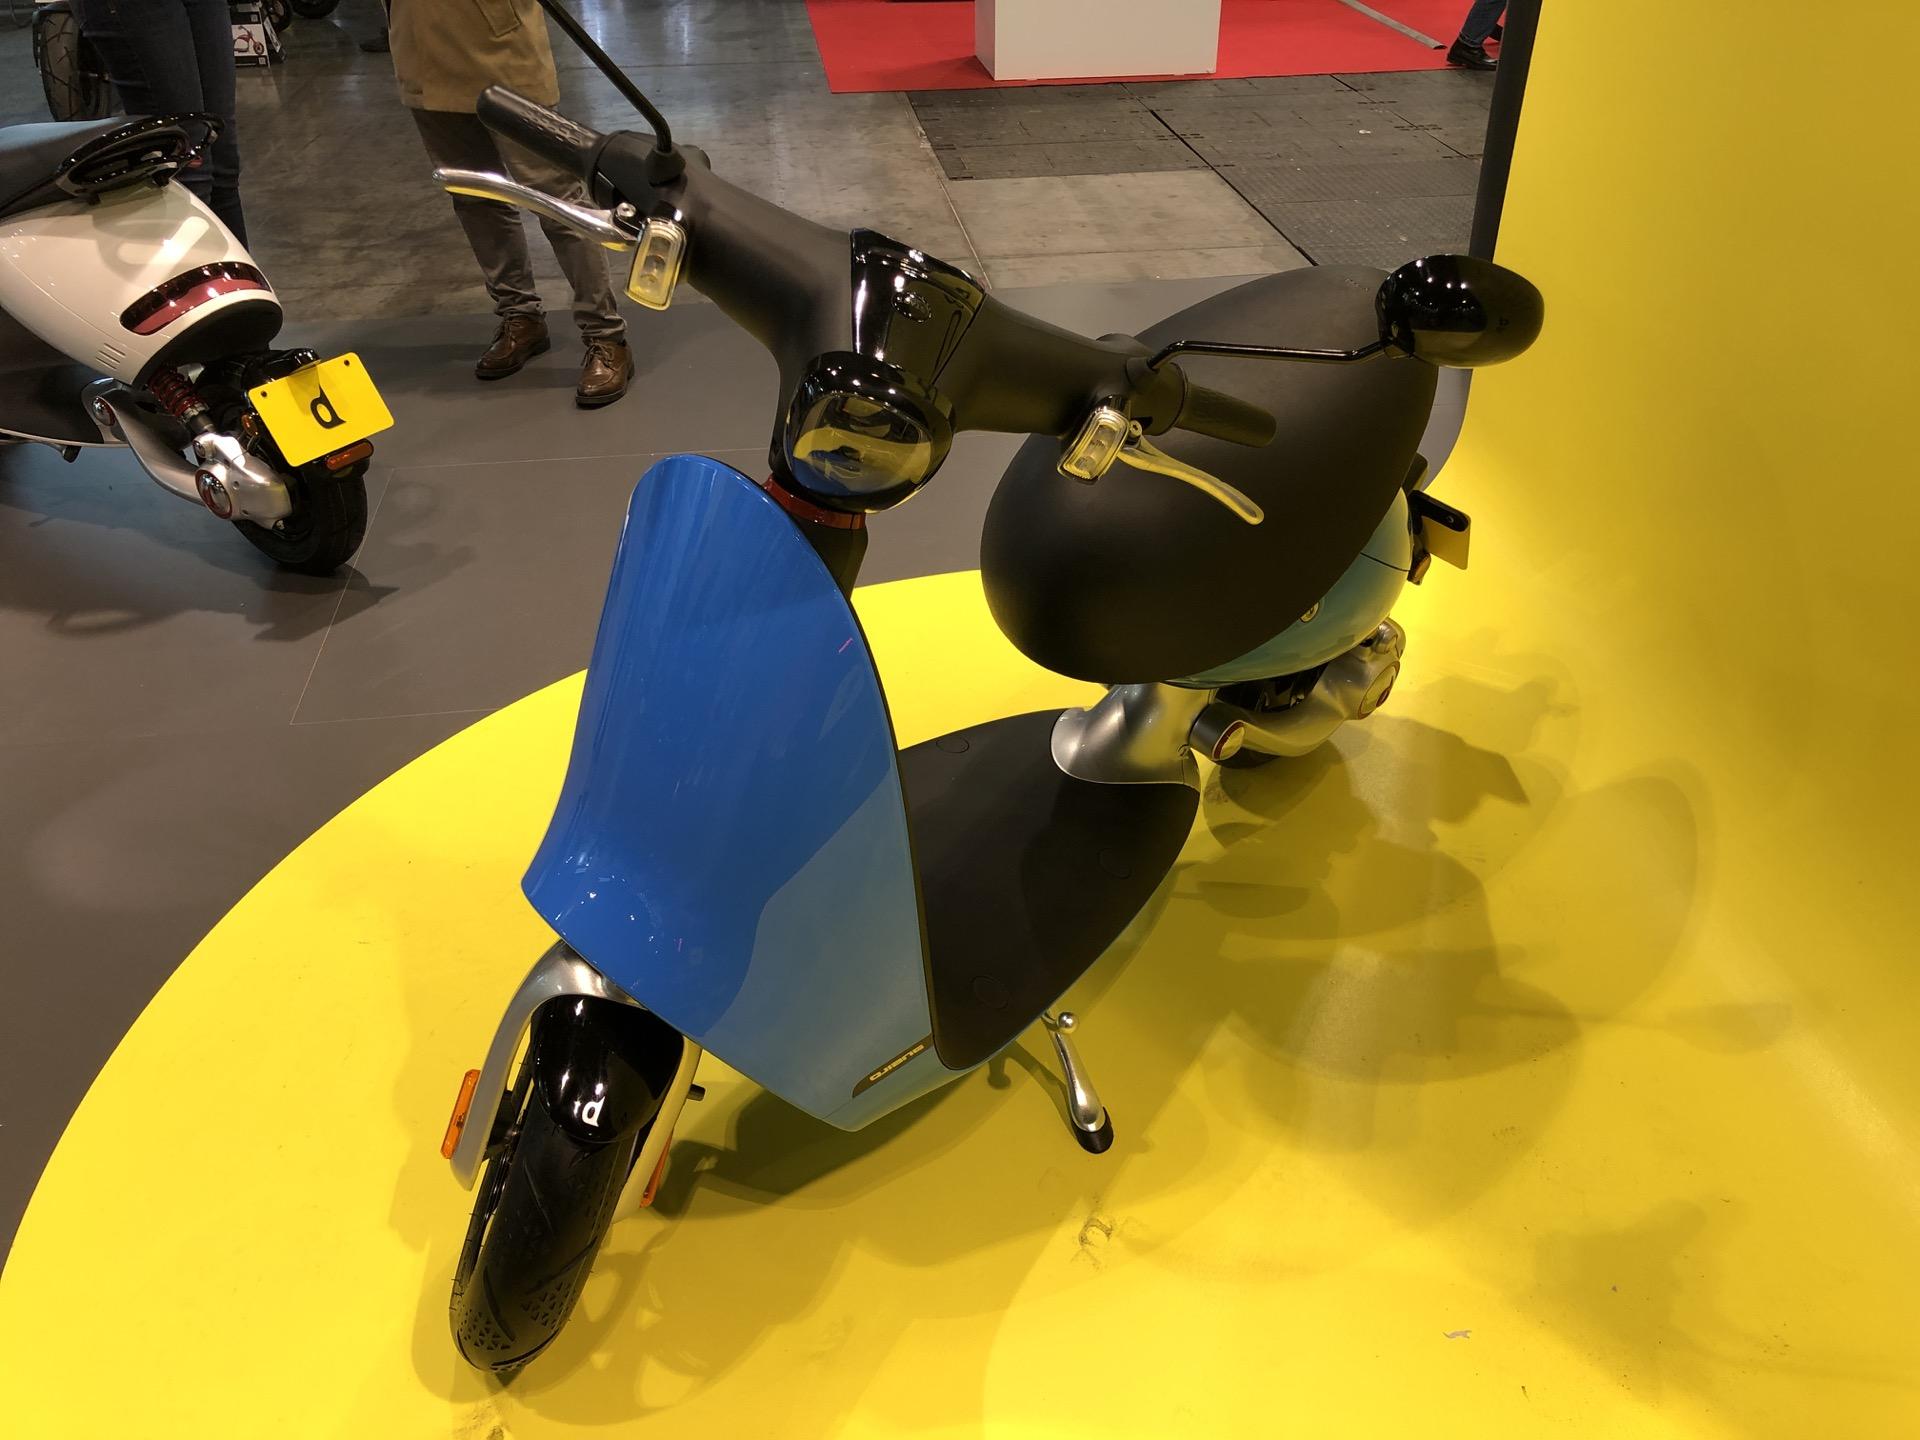 Qui est Bo, le nouveau scooter électrique minuscule et très mignon présenté à Milan ?